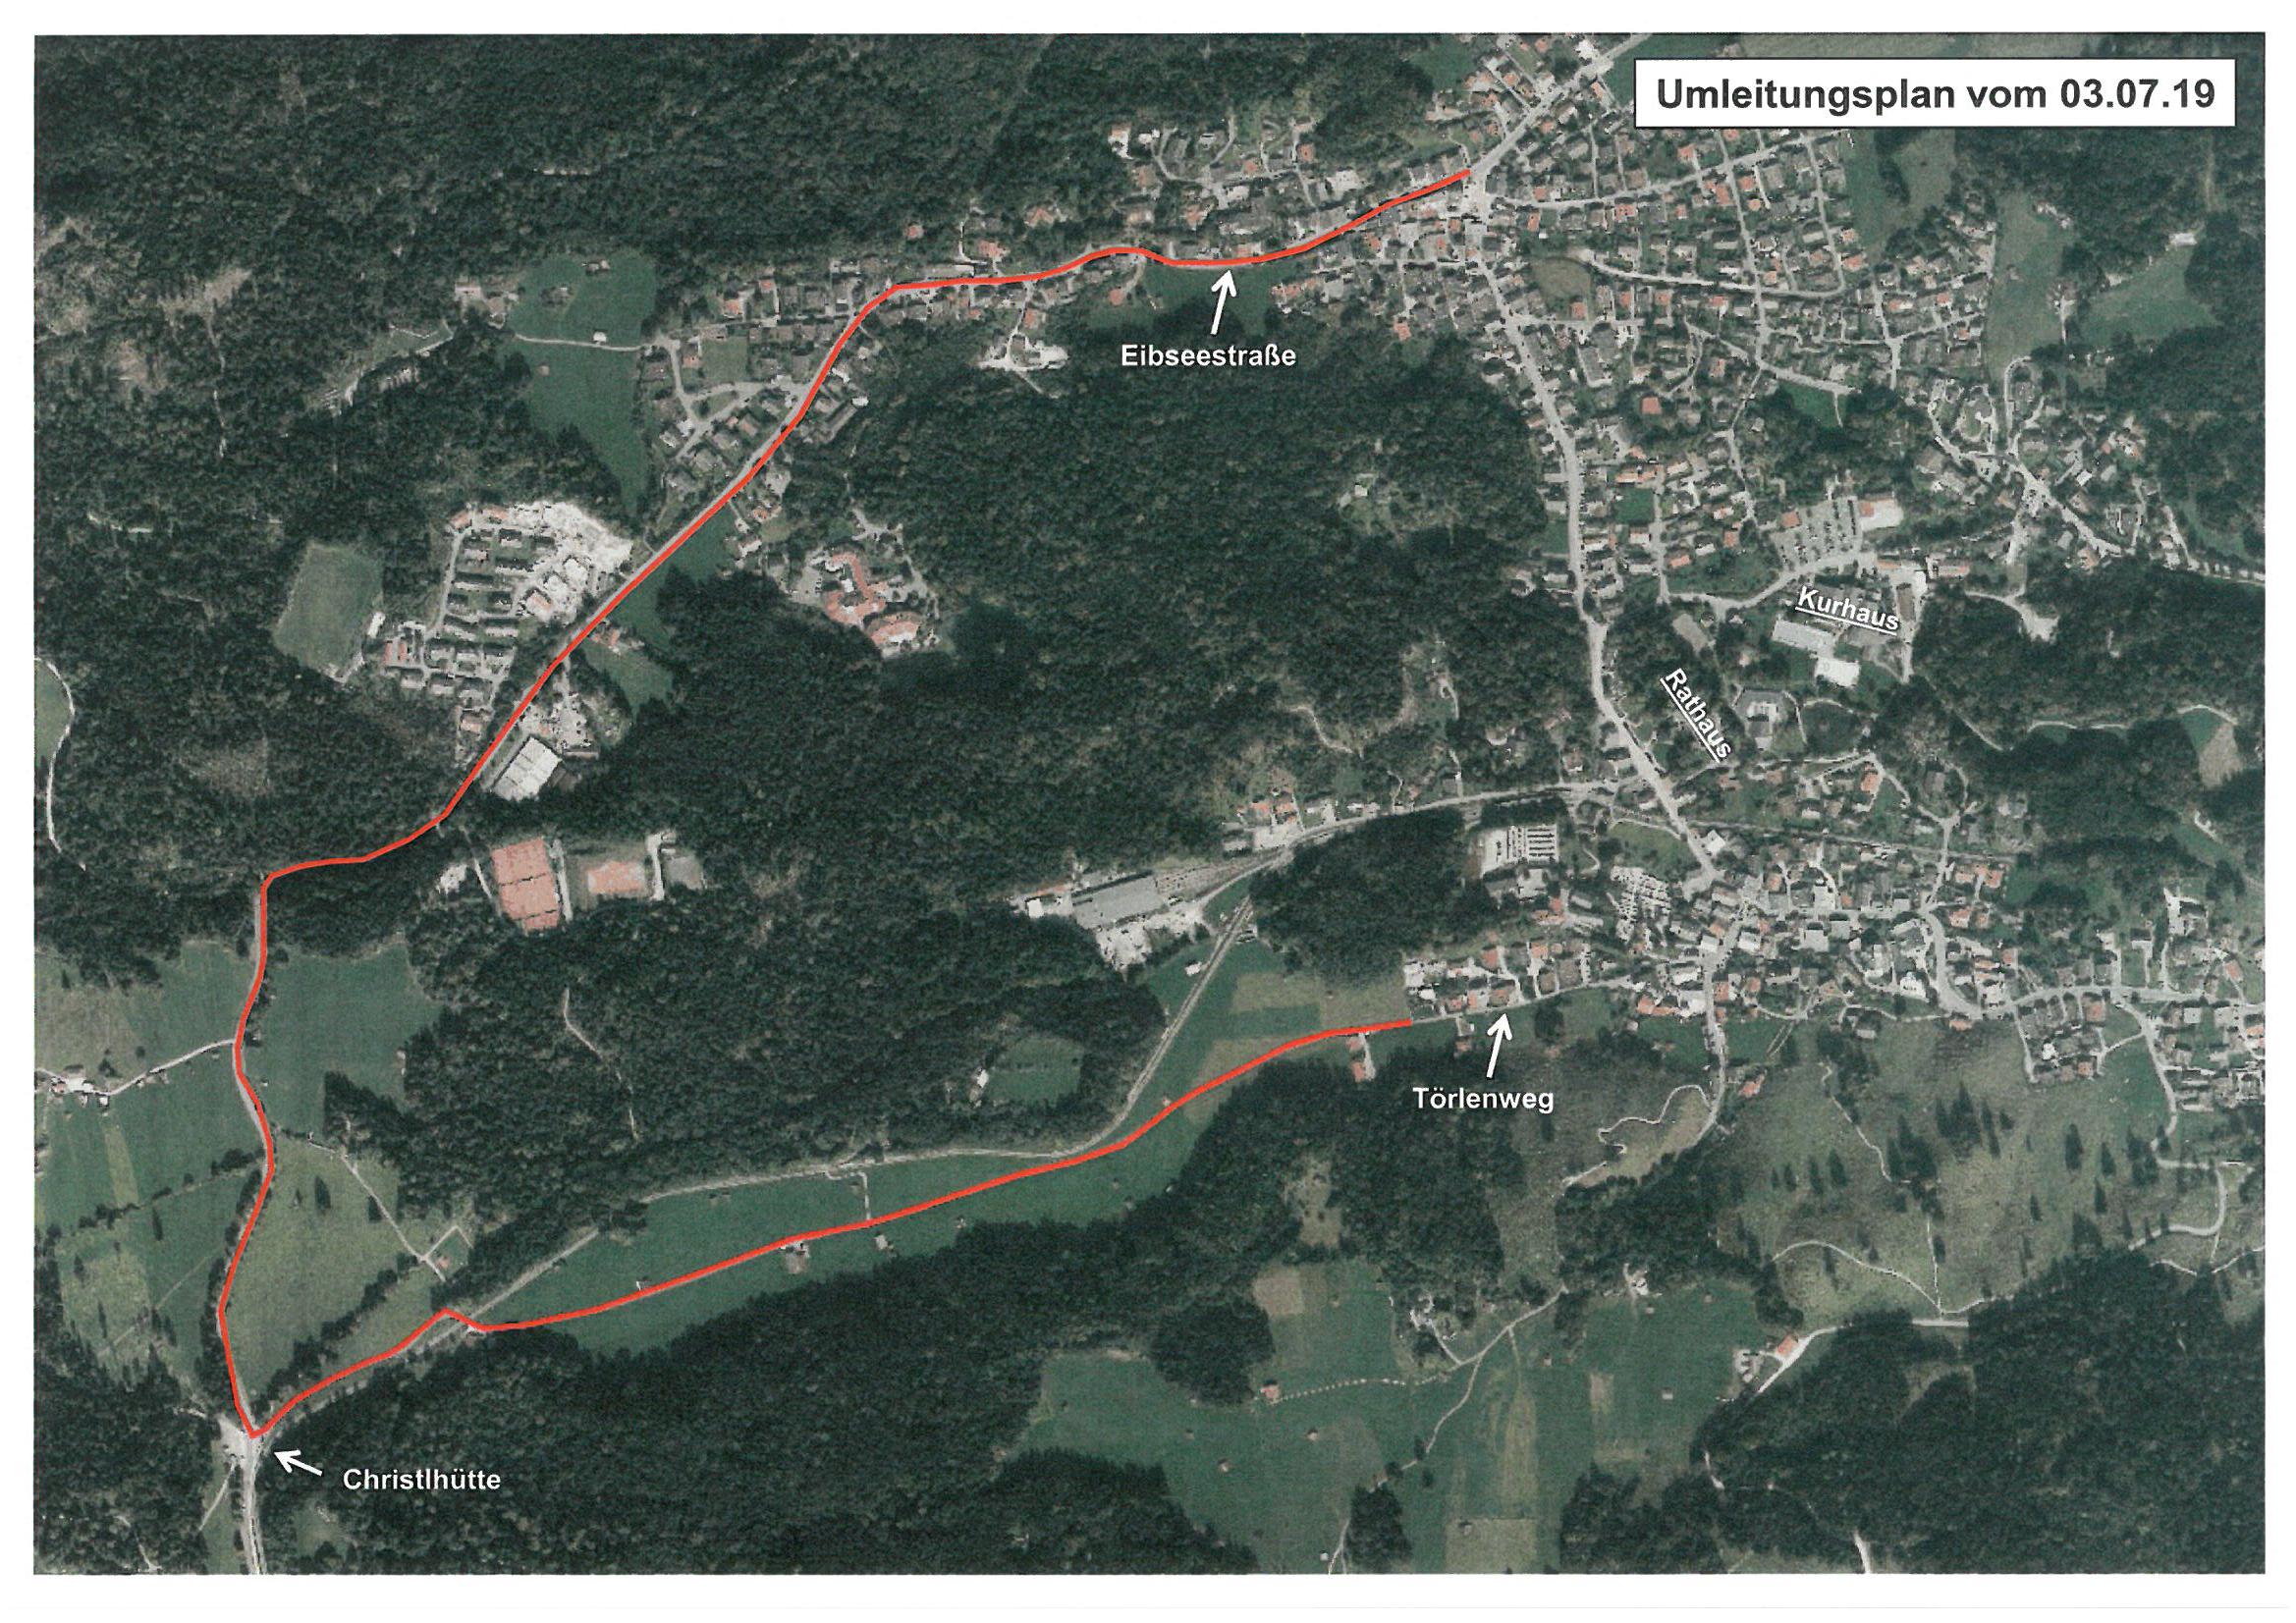 Umleitungsstrecke über die Eibseestraße zu den Anwesen am Törlenweg